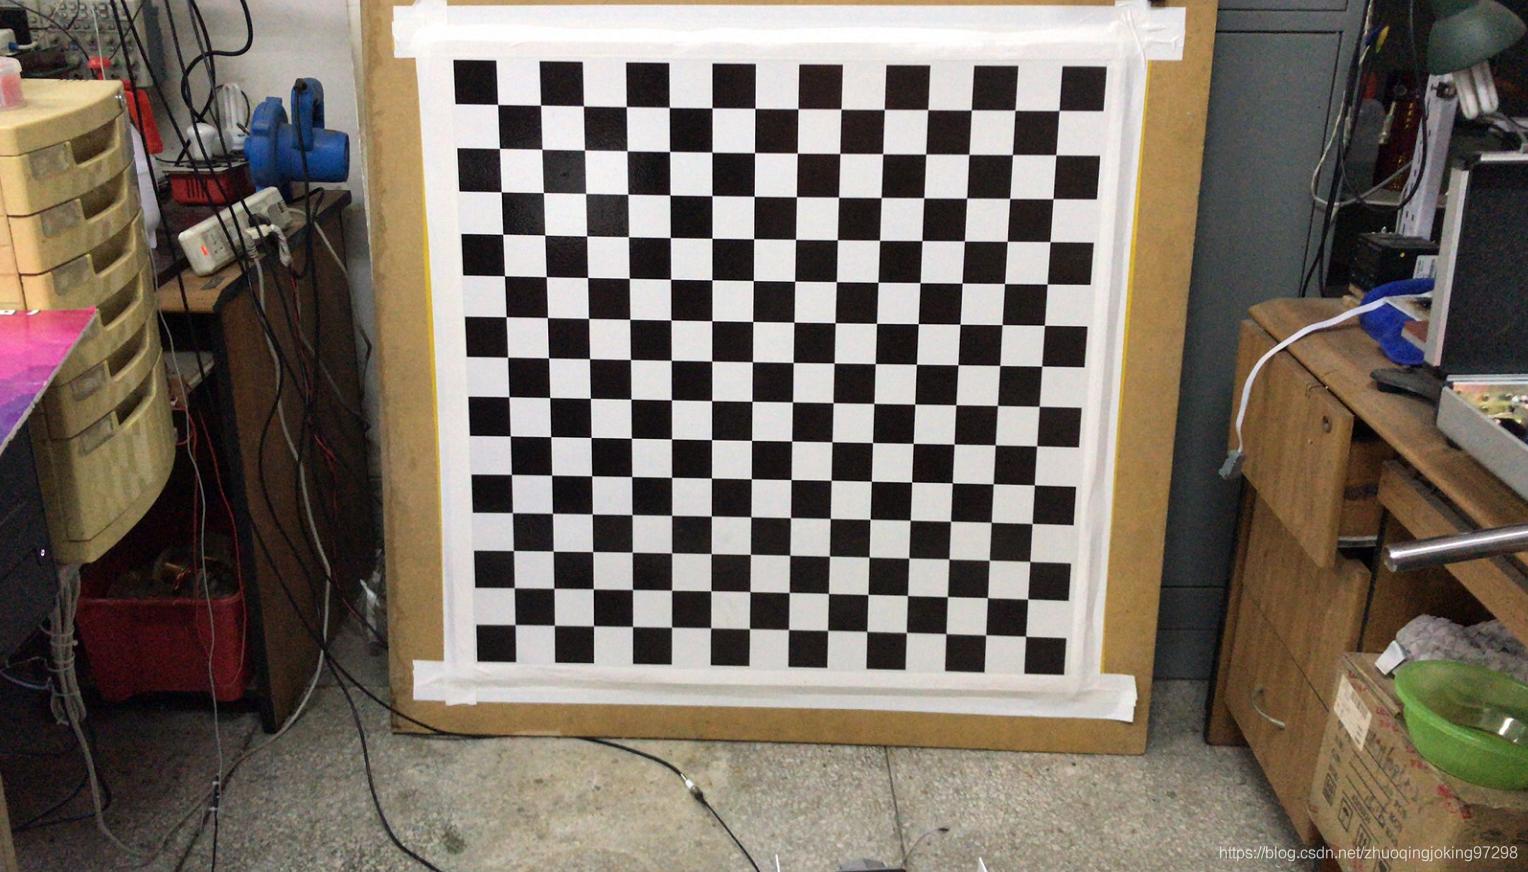 大型木板用于摆放在声源和接收麦克后面和侧面